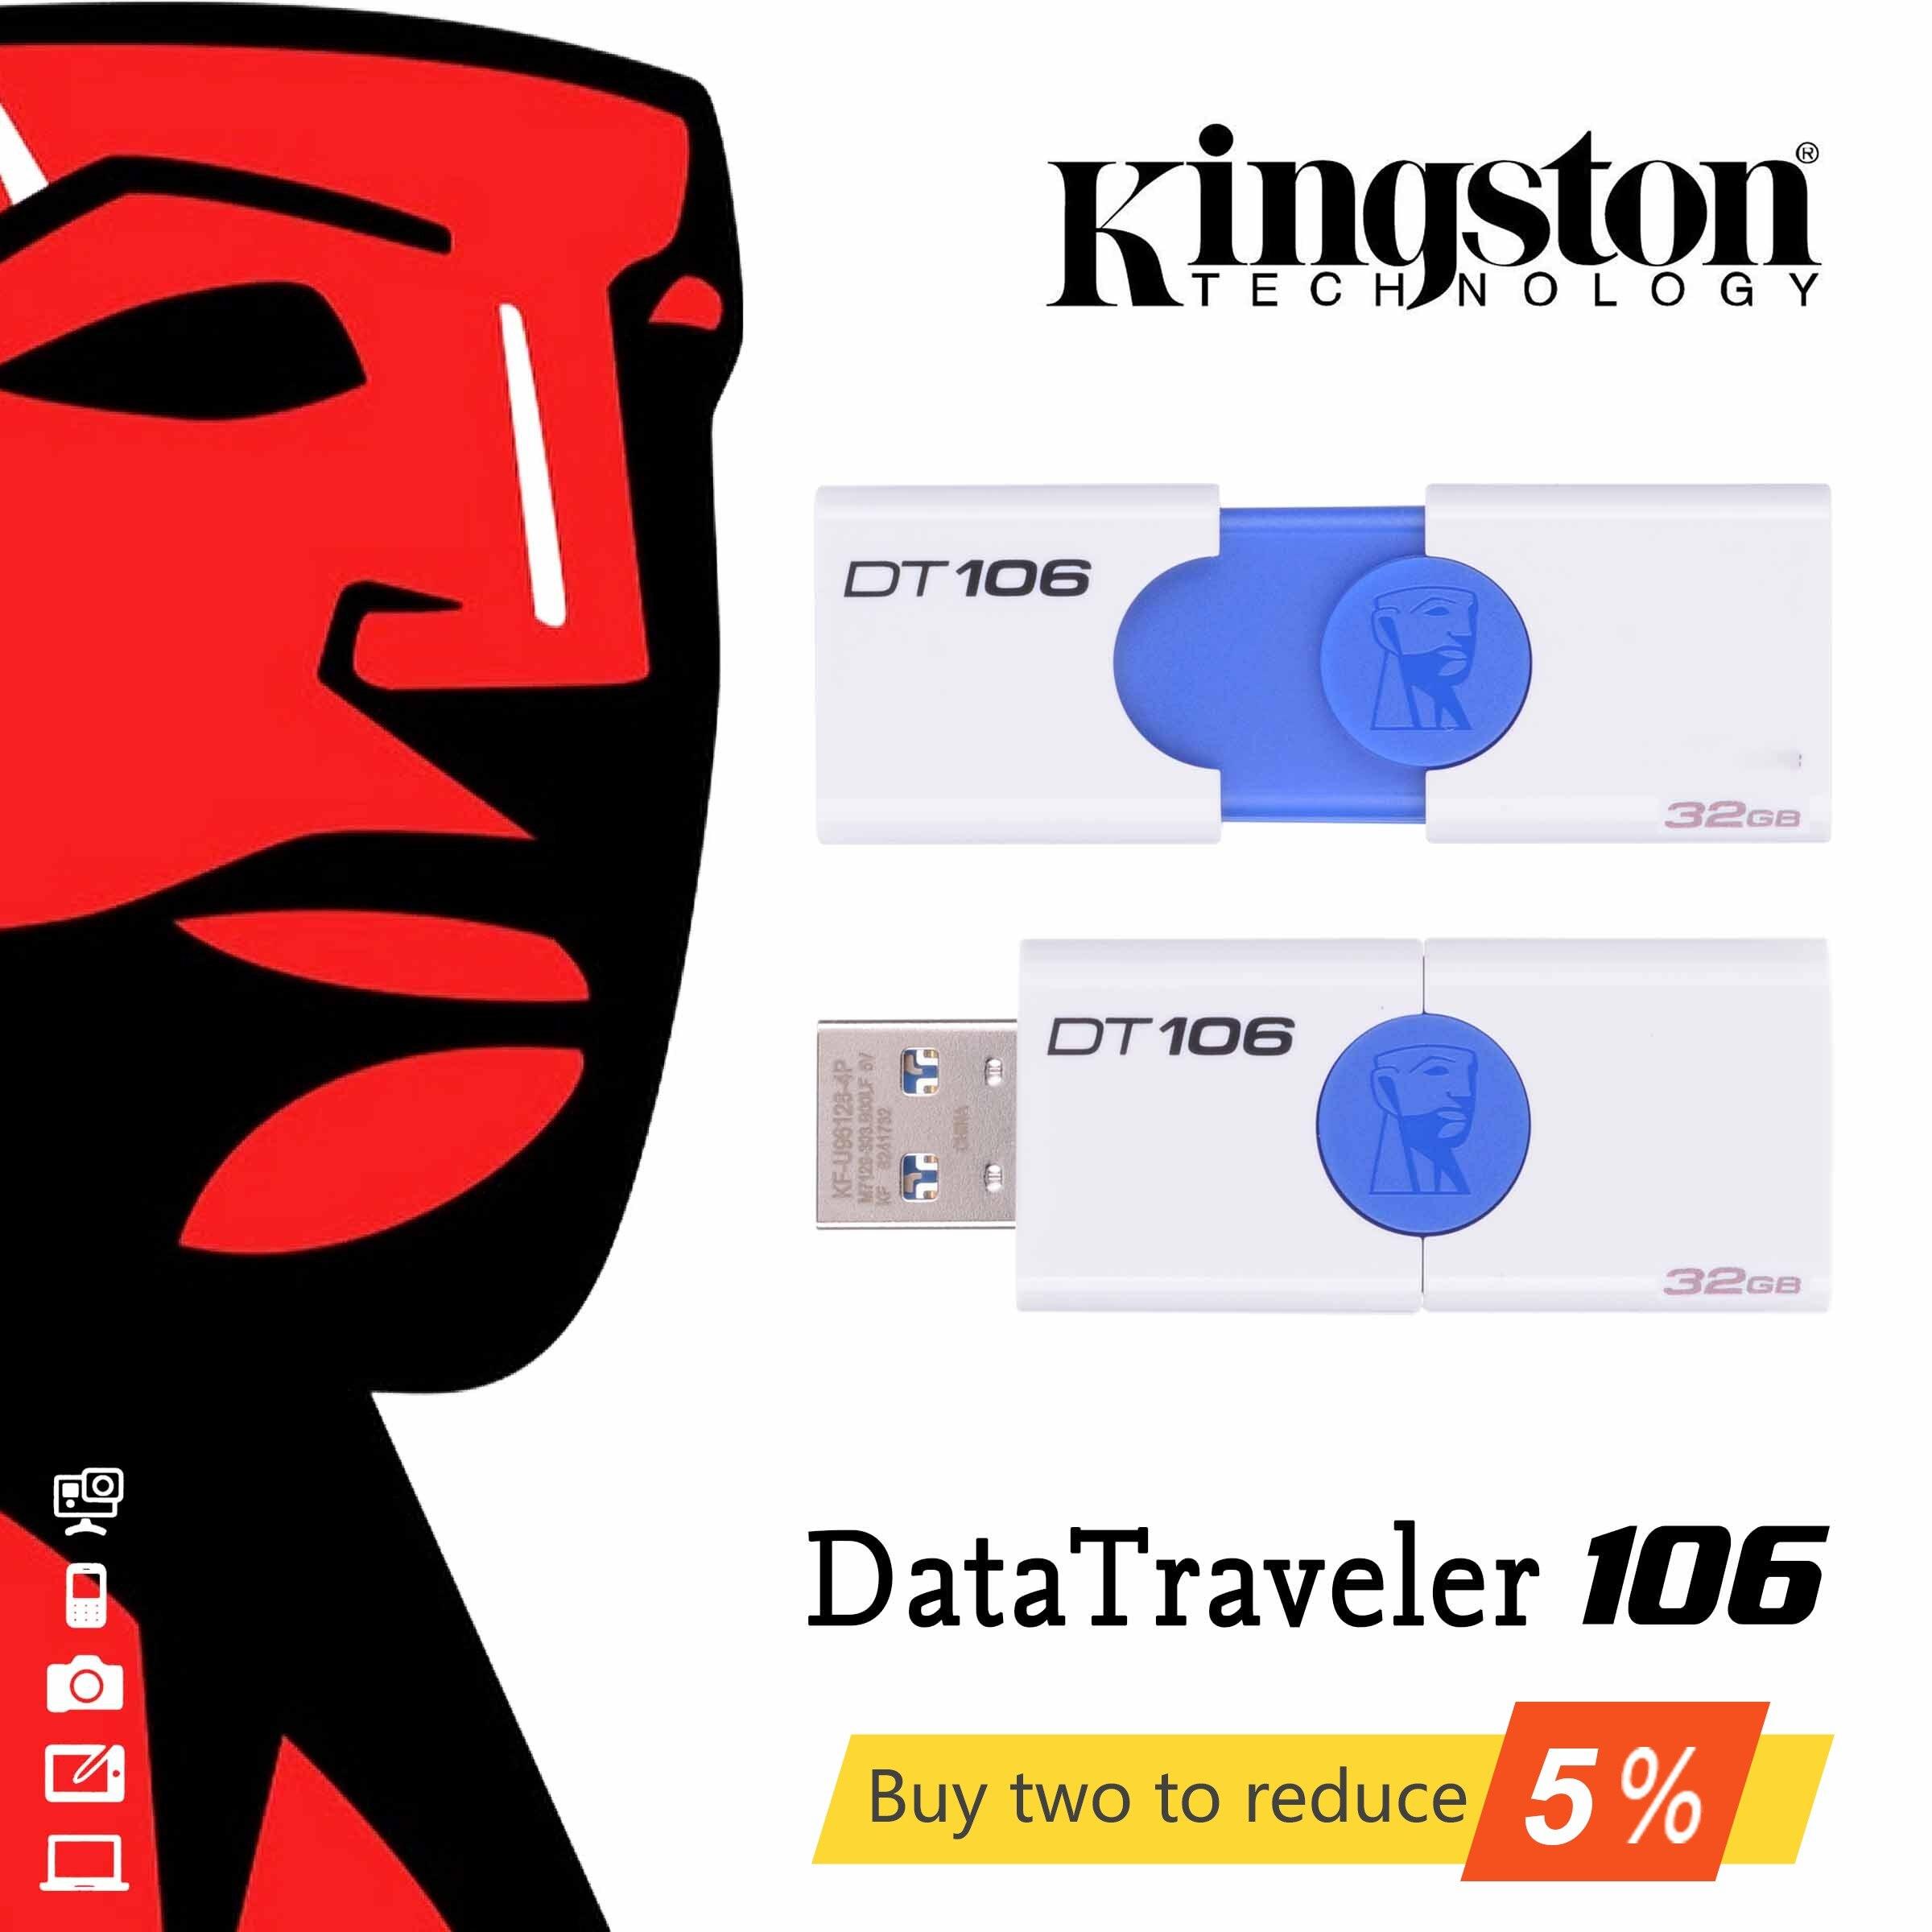 DT106 Original USB 3.0 Kingston DataTraveler 106 USB Flash Drive GB 32 16 GB 64 GB 128 GB U Disco pen Drive Pendrive 16 32 64 128 GB